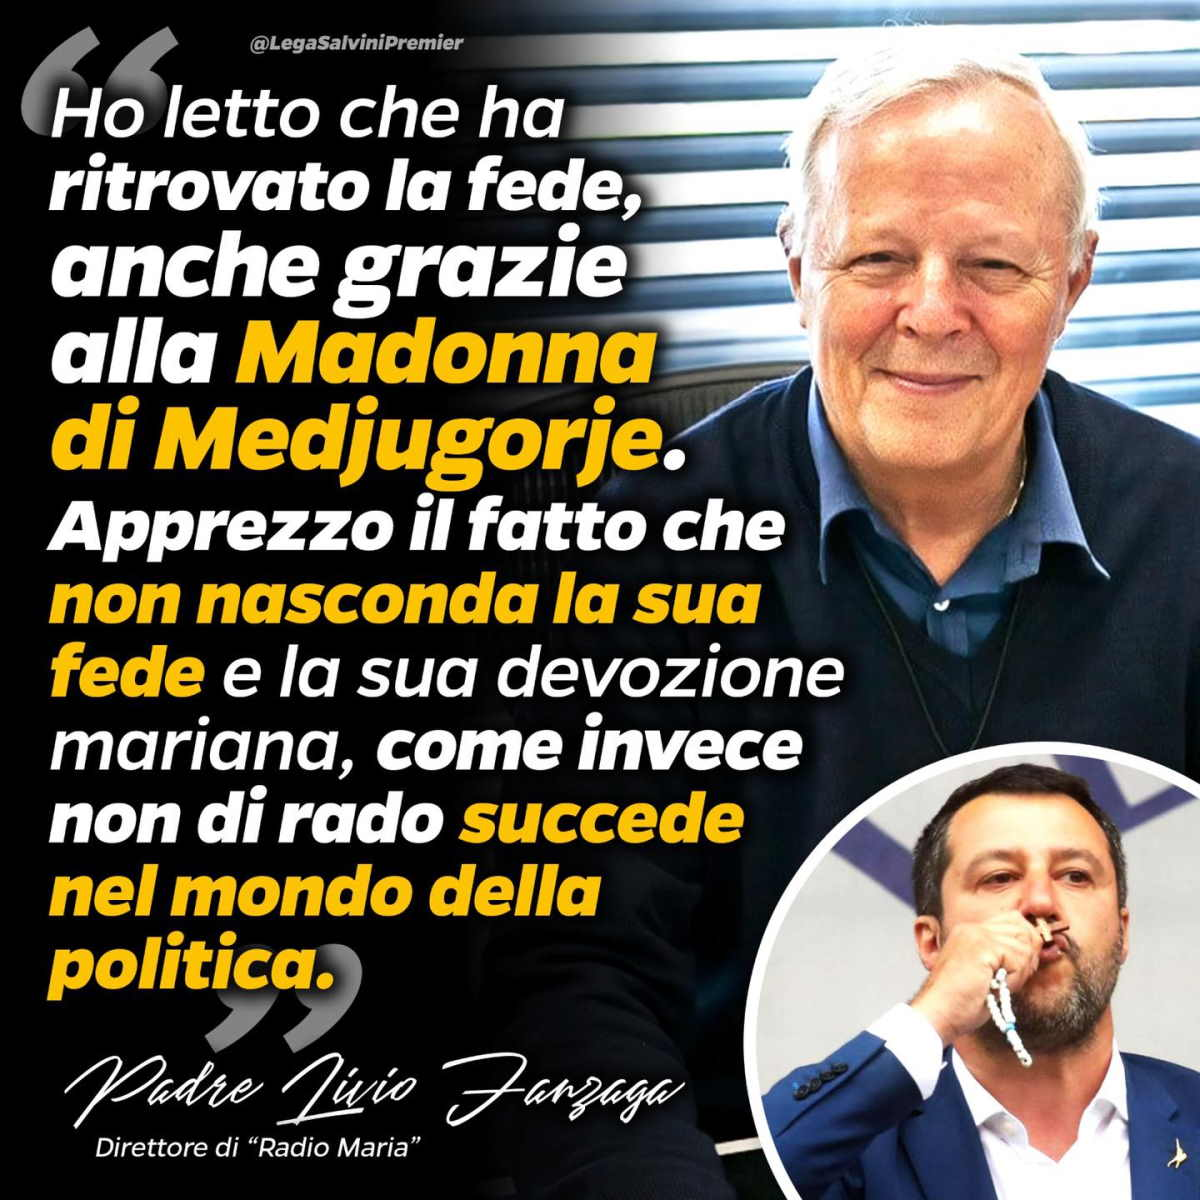 La confusione di Salvini, e non solo sua, su fede e carità